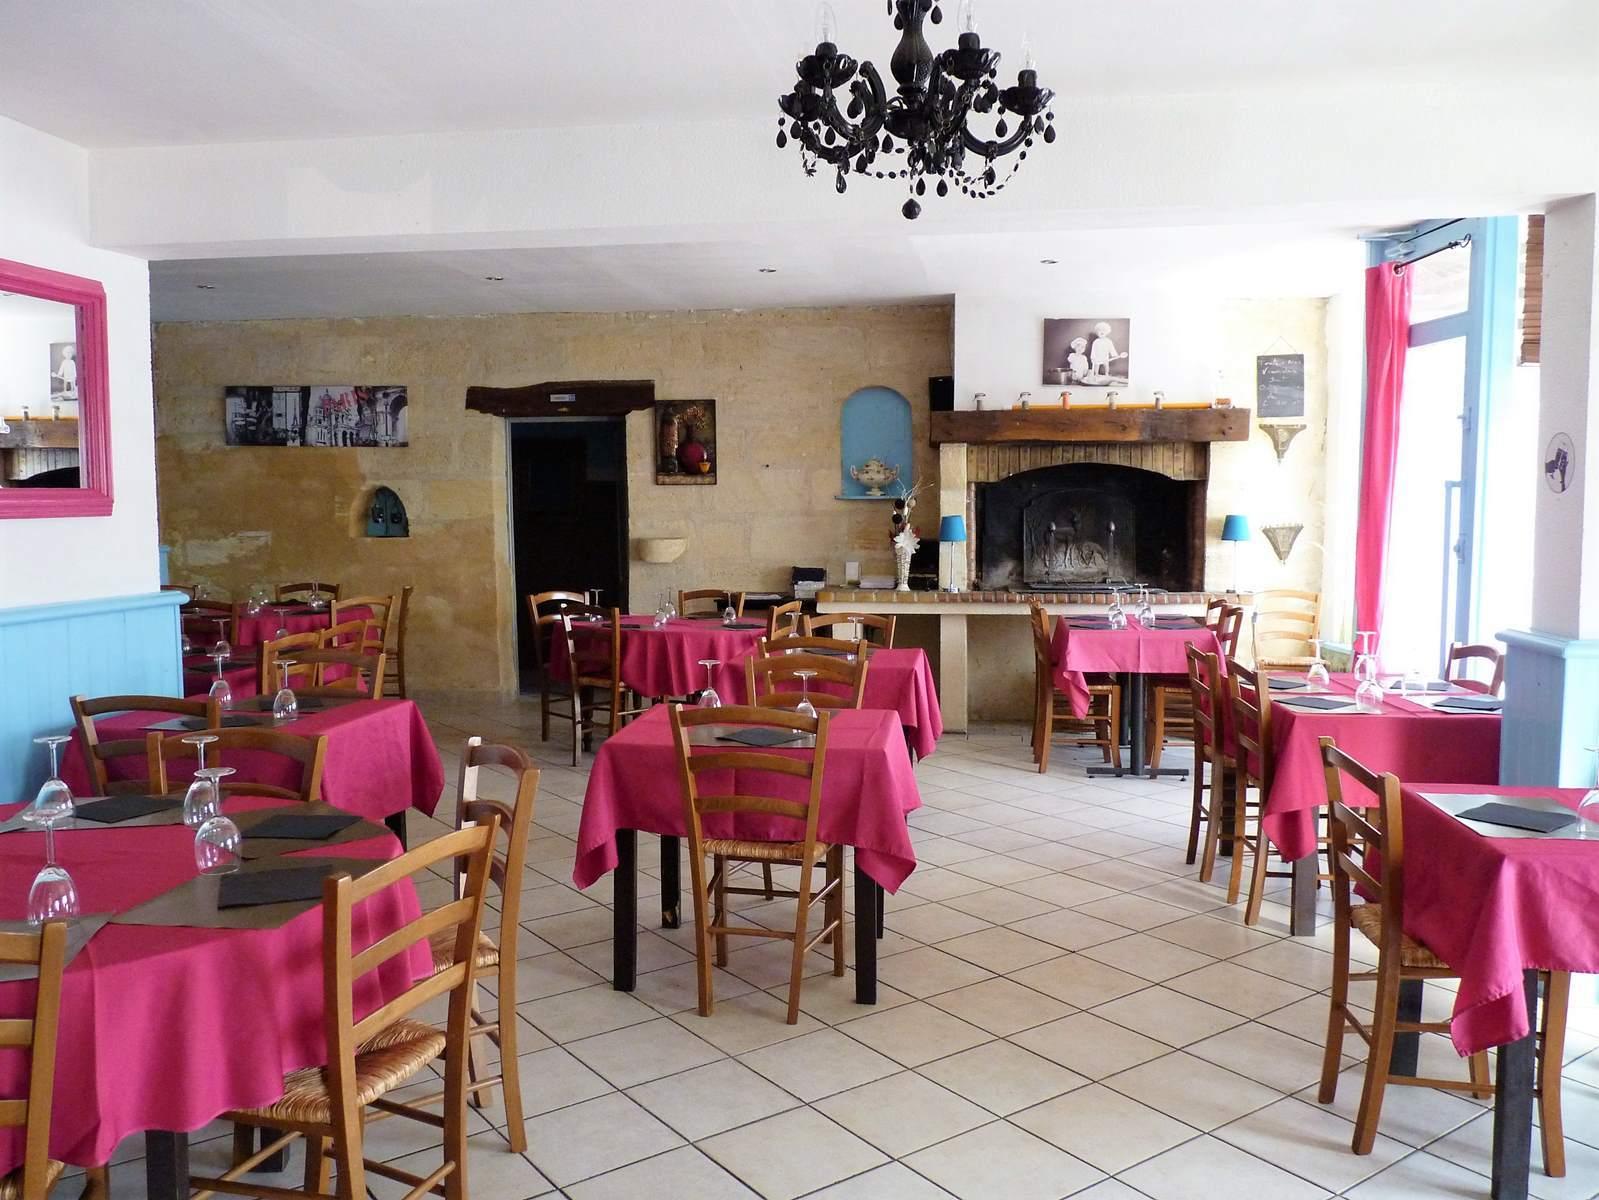 Cession de droit au bail Bar Restaurant Salle de spectacle Terrasse - Nord Est Libourne - Restaurant